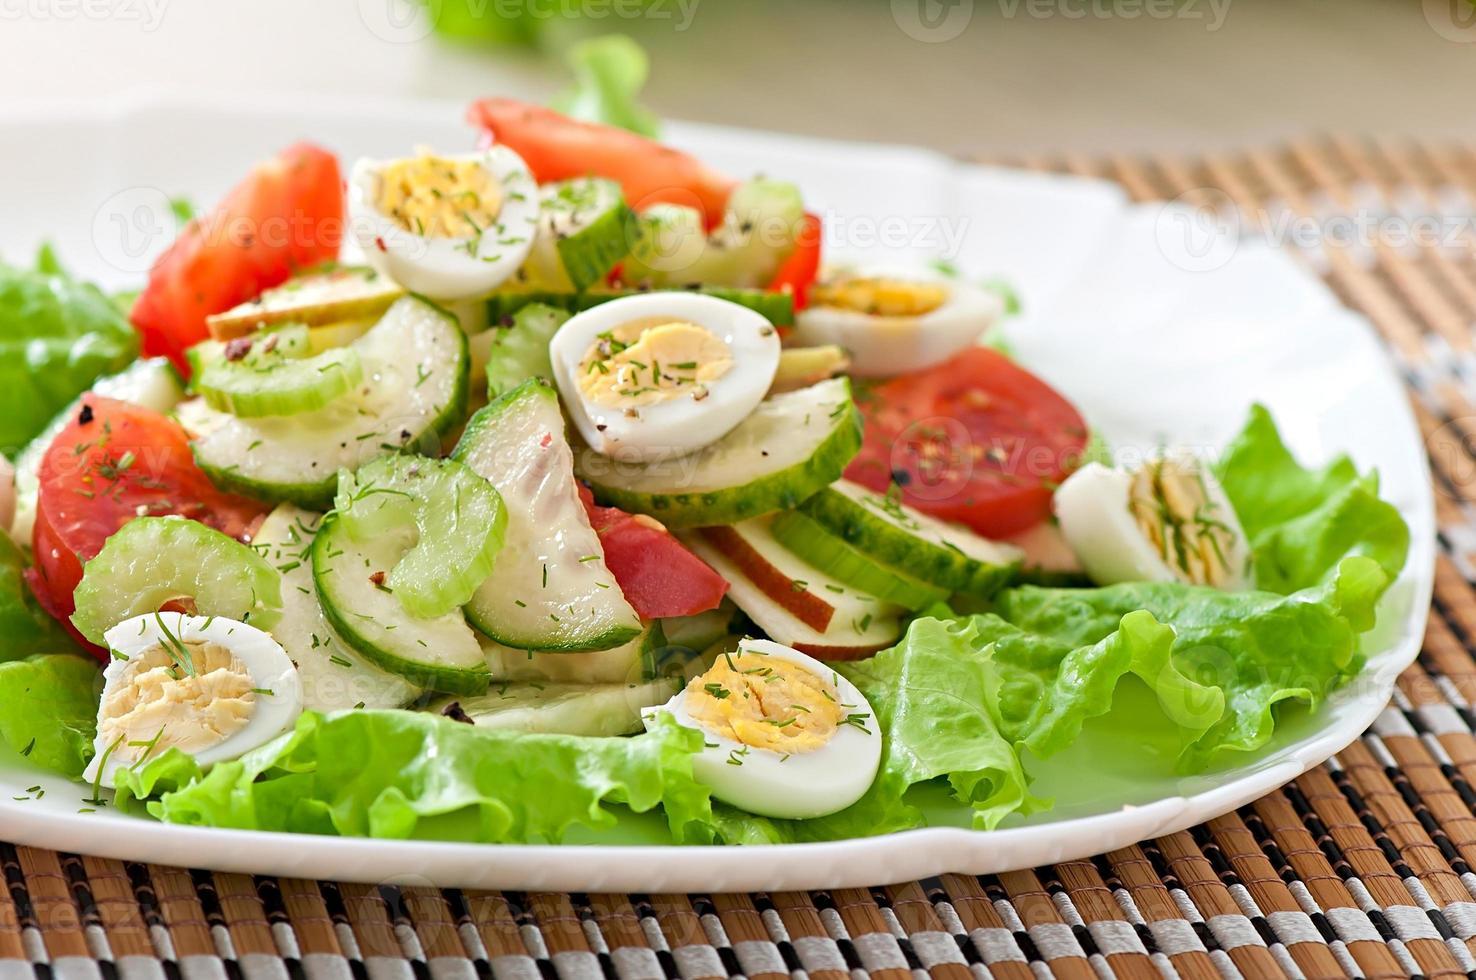 insalata di pomodori, cetrioli e uova di quaglia foto